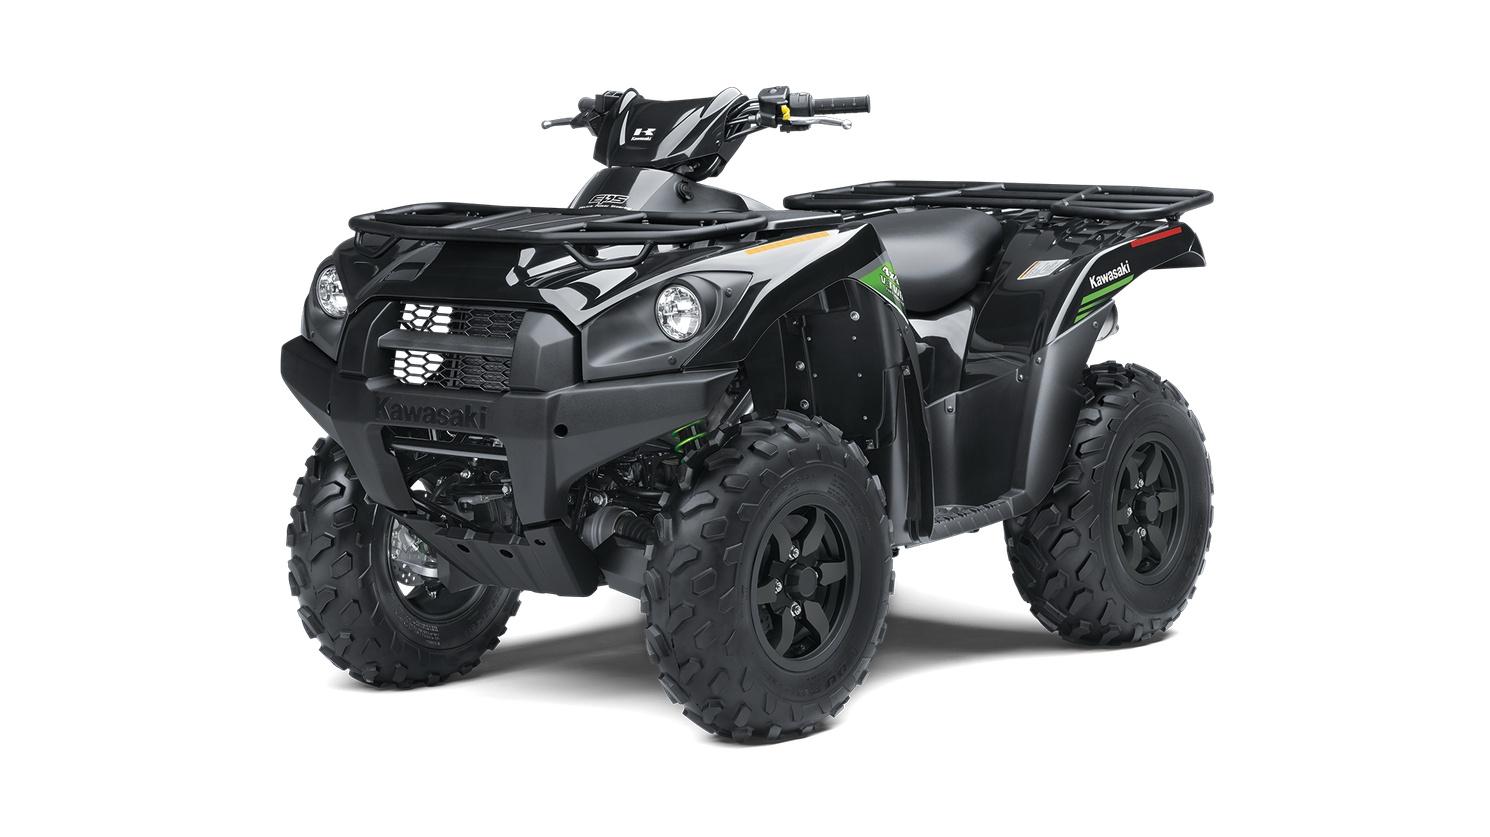 2020 Kawasaki BRUTE FORCE 750 4x4i EPS Super Black